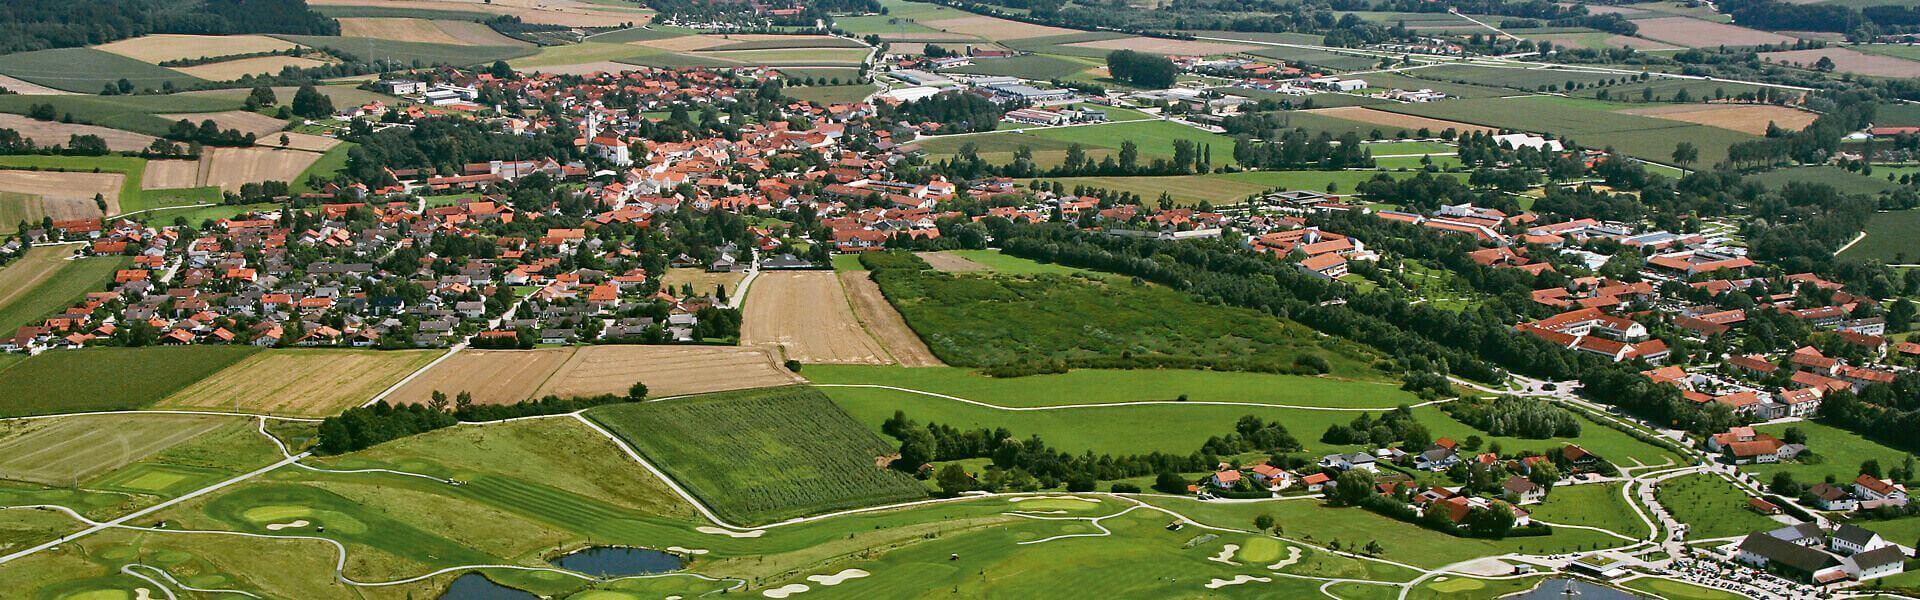 Ferienwohnungen in Bad Birnbach